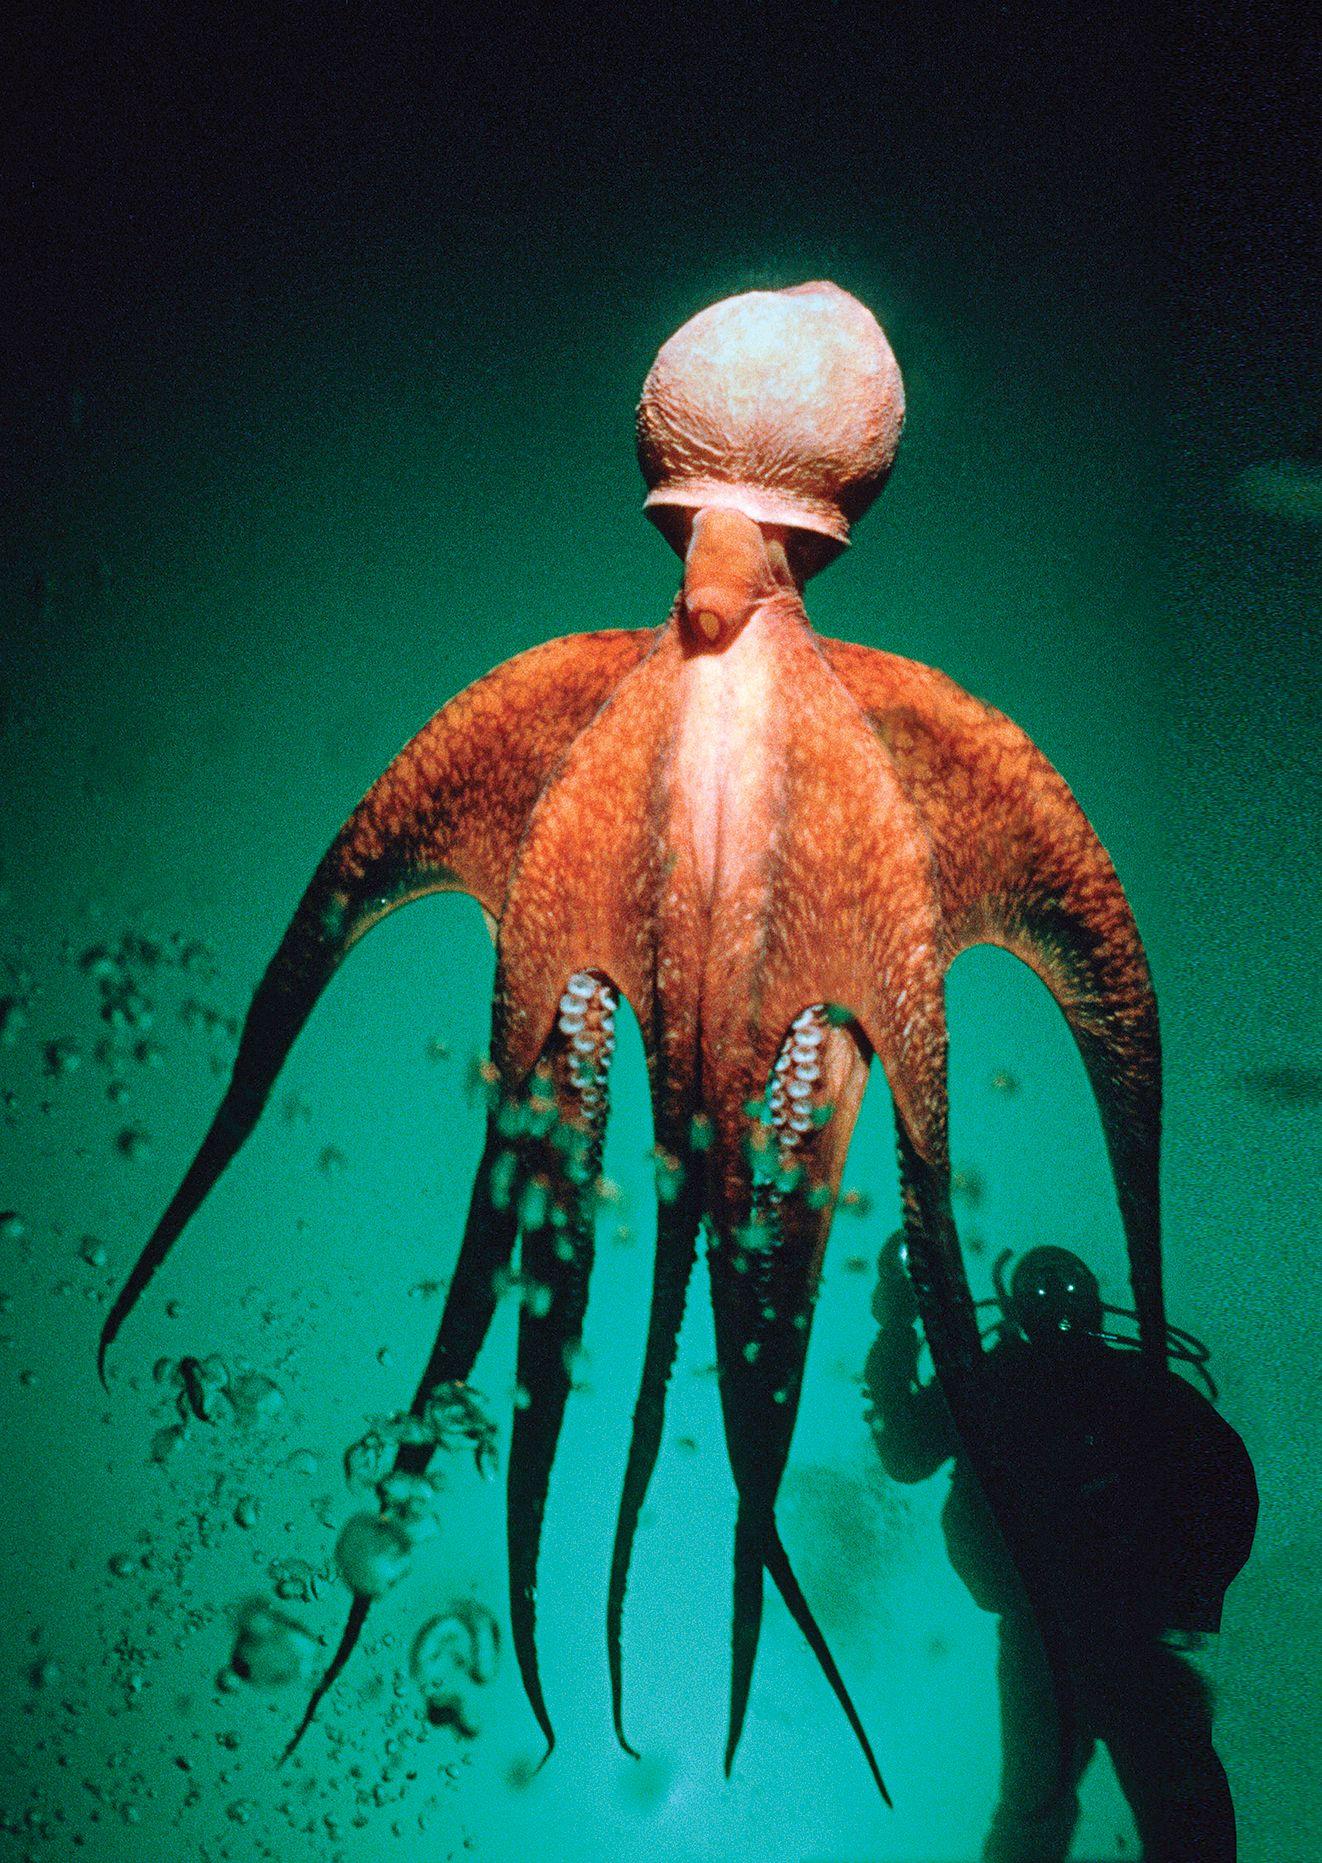 Top 100: Best Overall Diving | Underwater | Octopus, Scuba ...